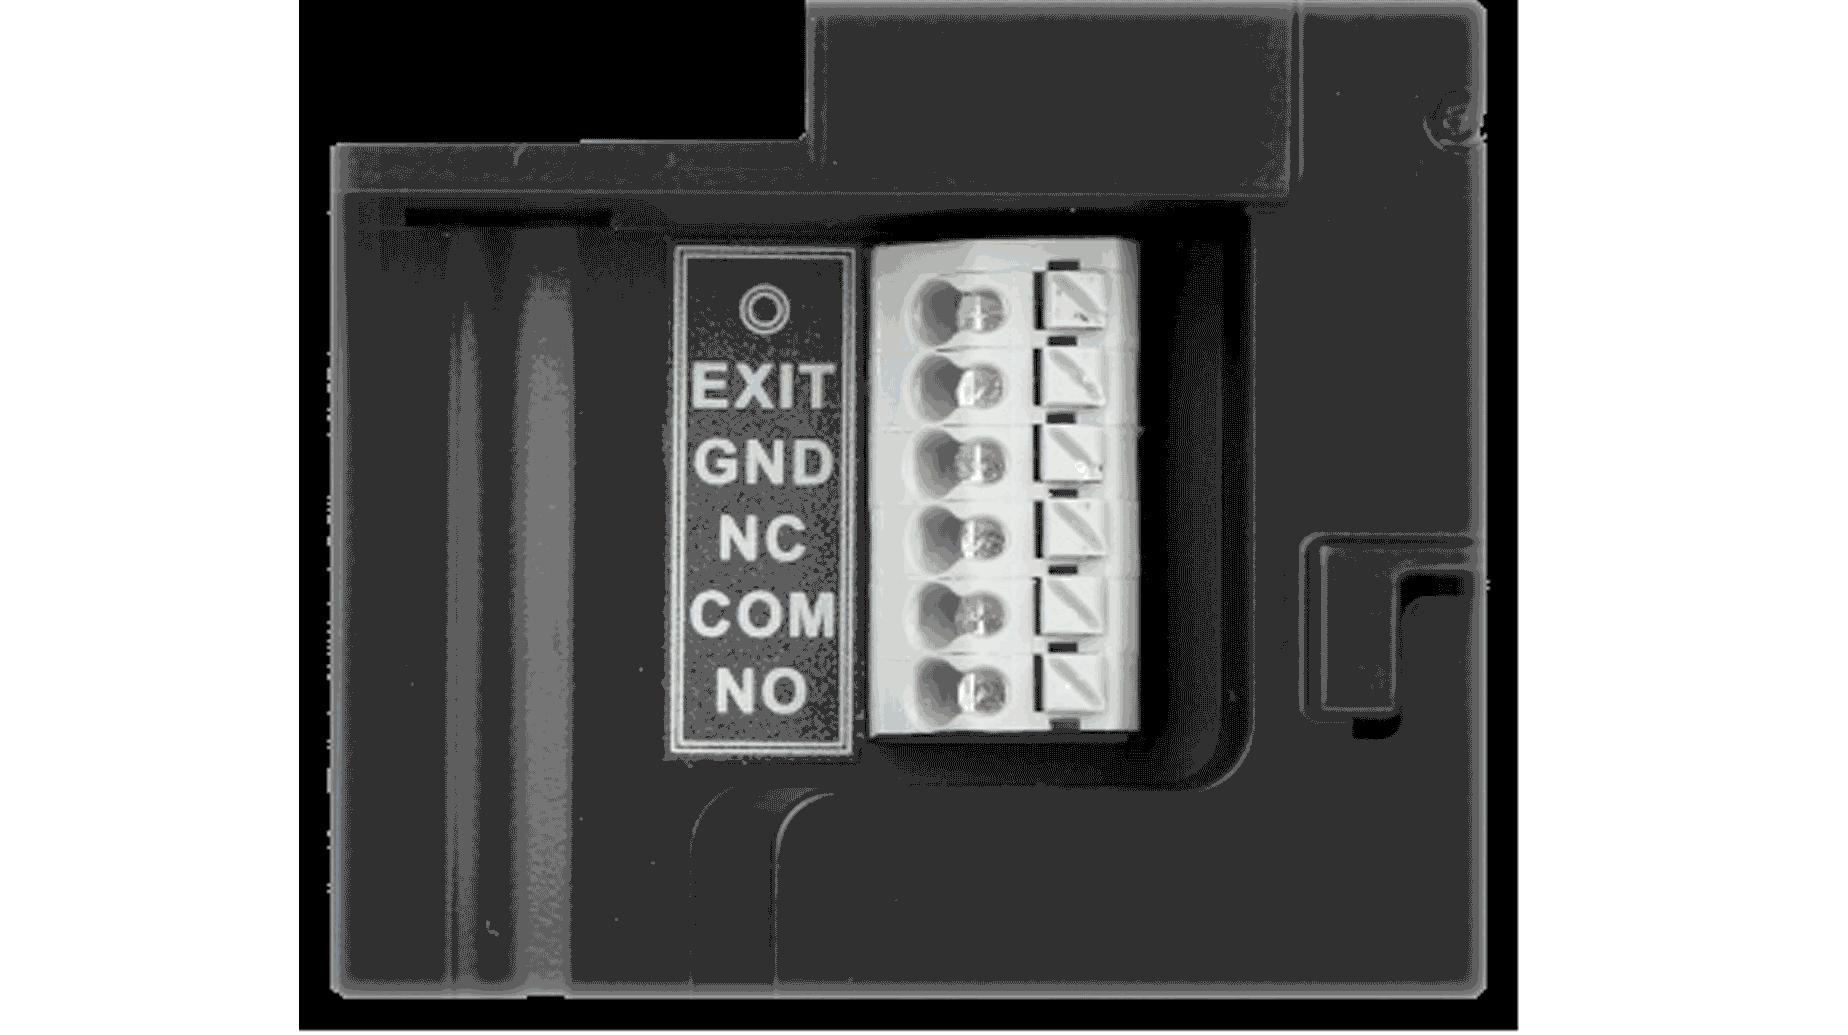 Sisterma-de-control-de-acceso-y-de-asistencia-basico-brinda-acceso-al-personal-por-medio-de-huella-tarjeta-y-password-con-boton-liberador-Dahua-ASA1222G-2